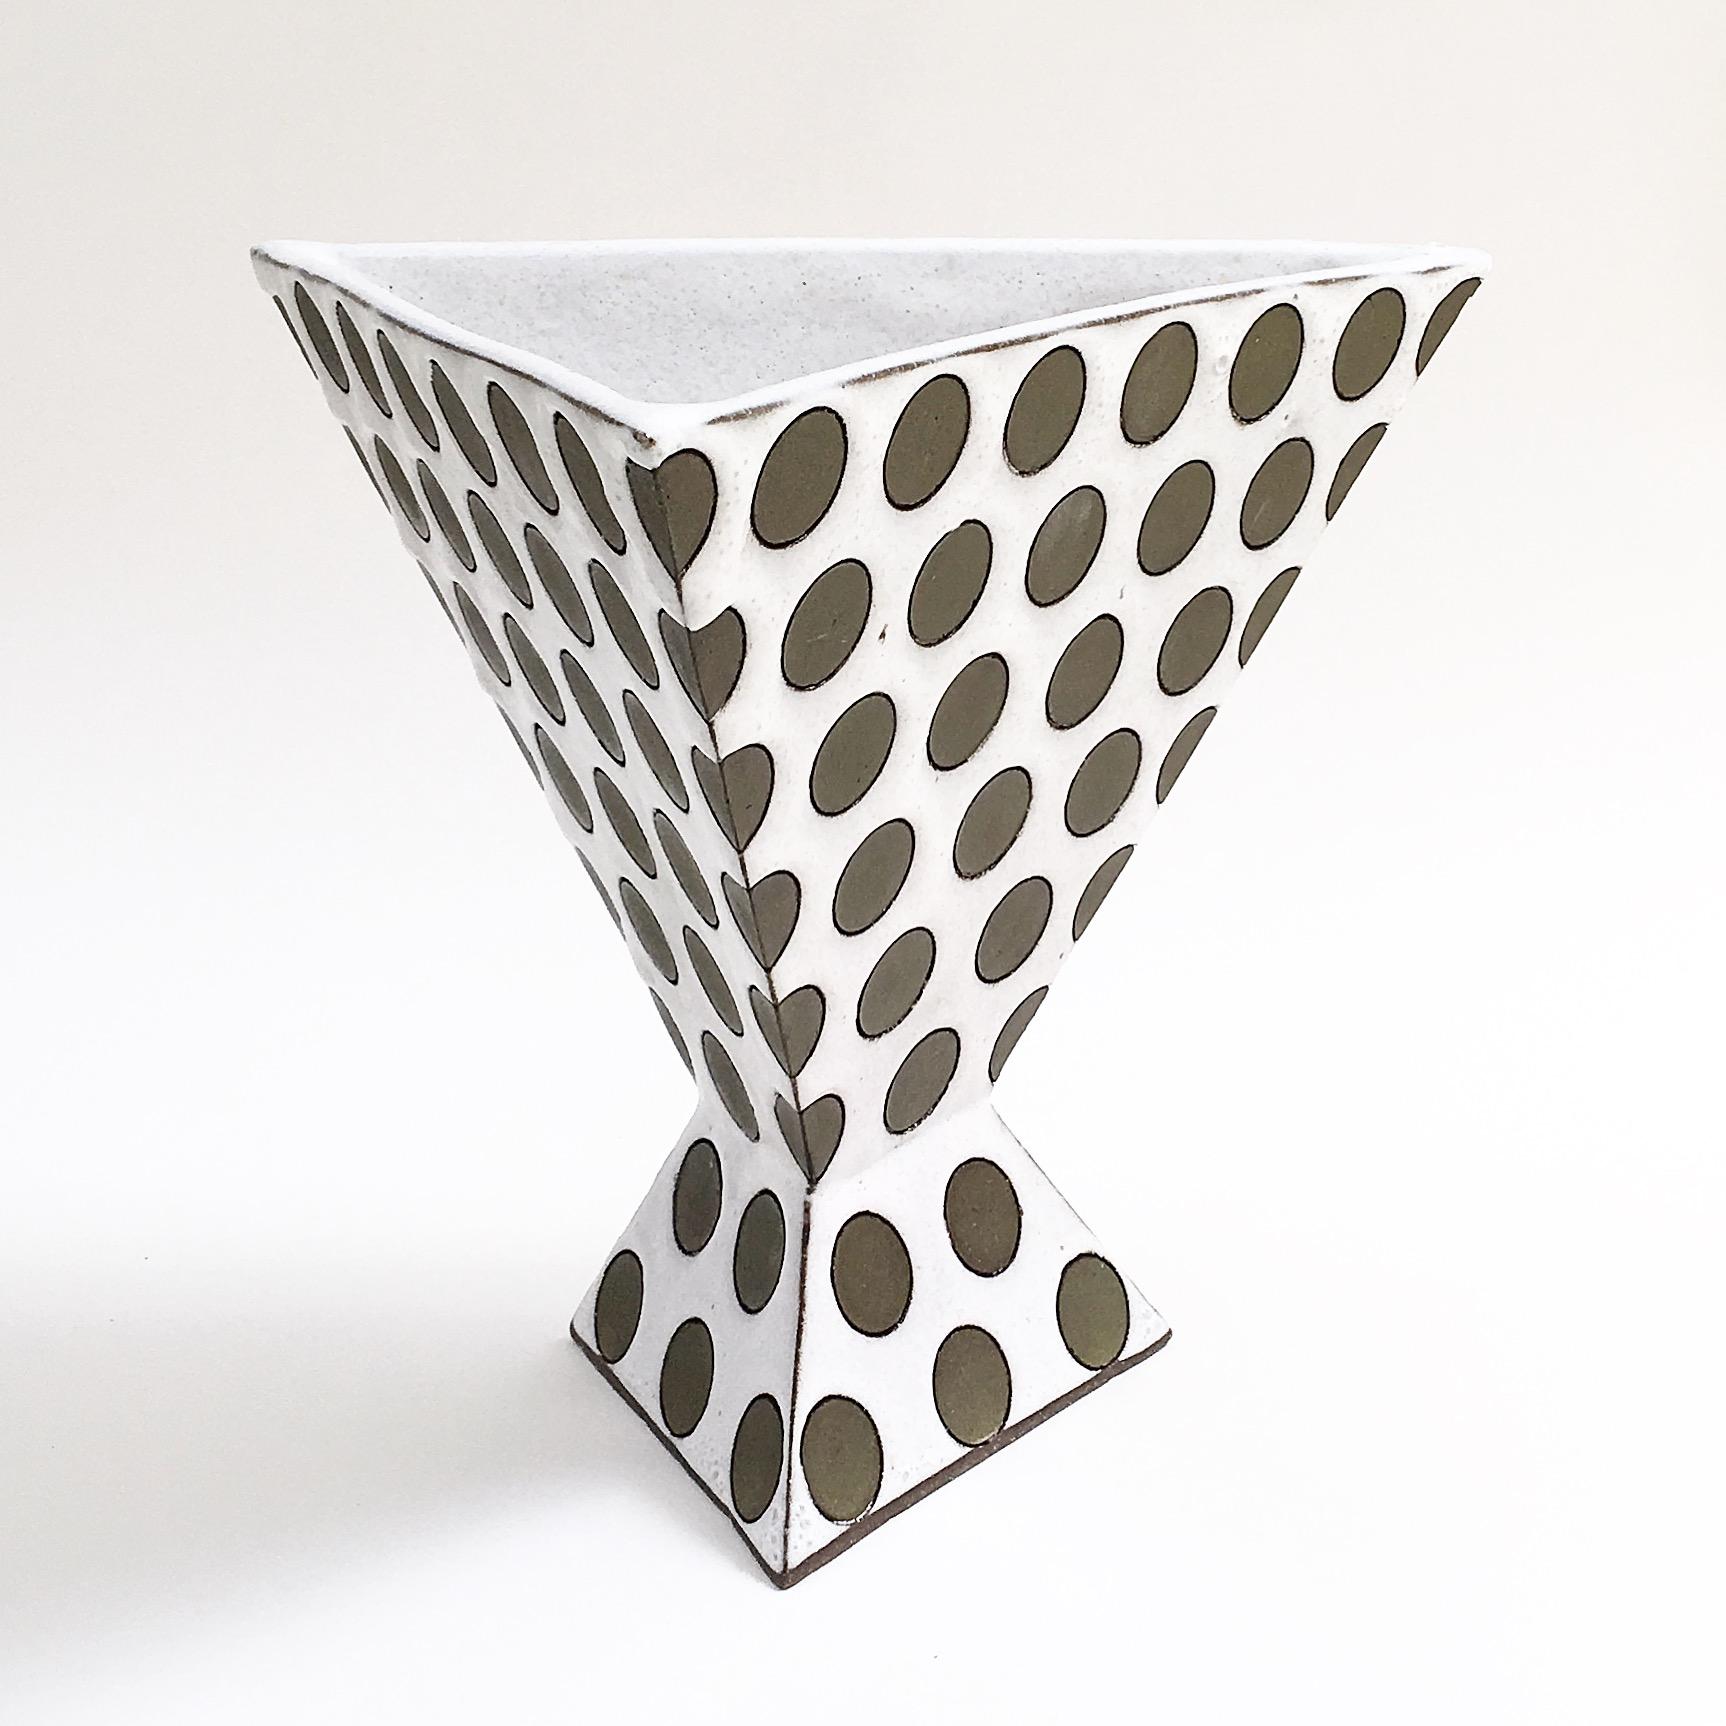 Triangular Polka Dot Vase